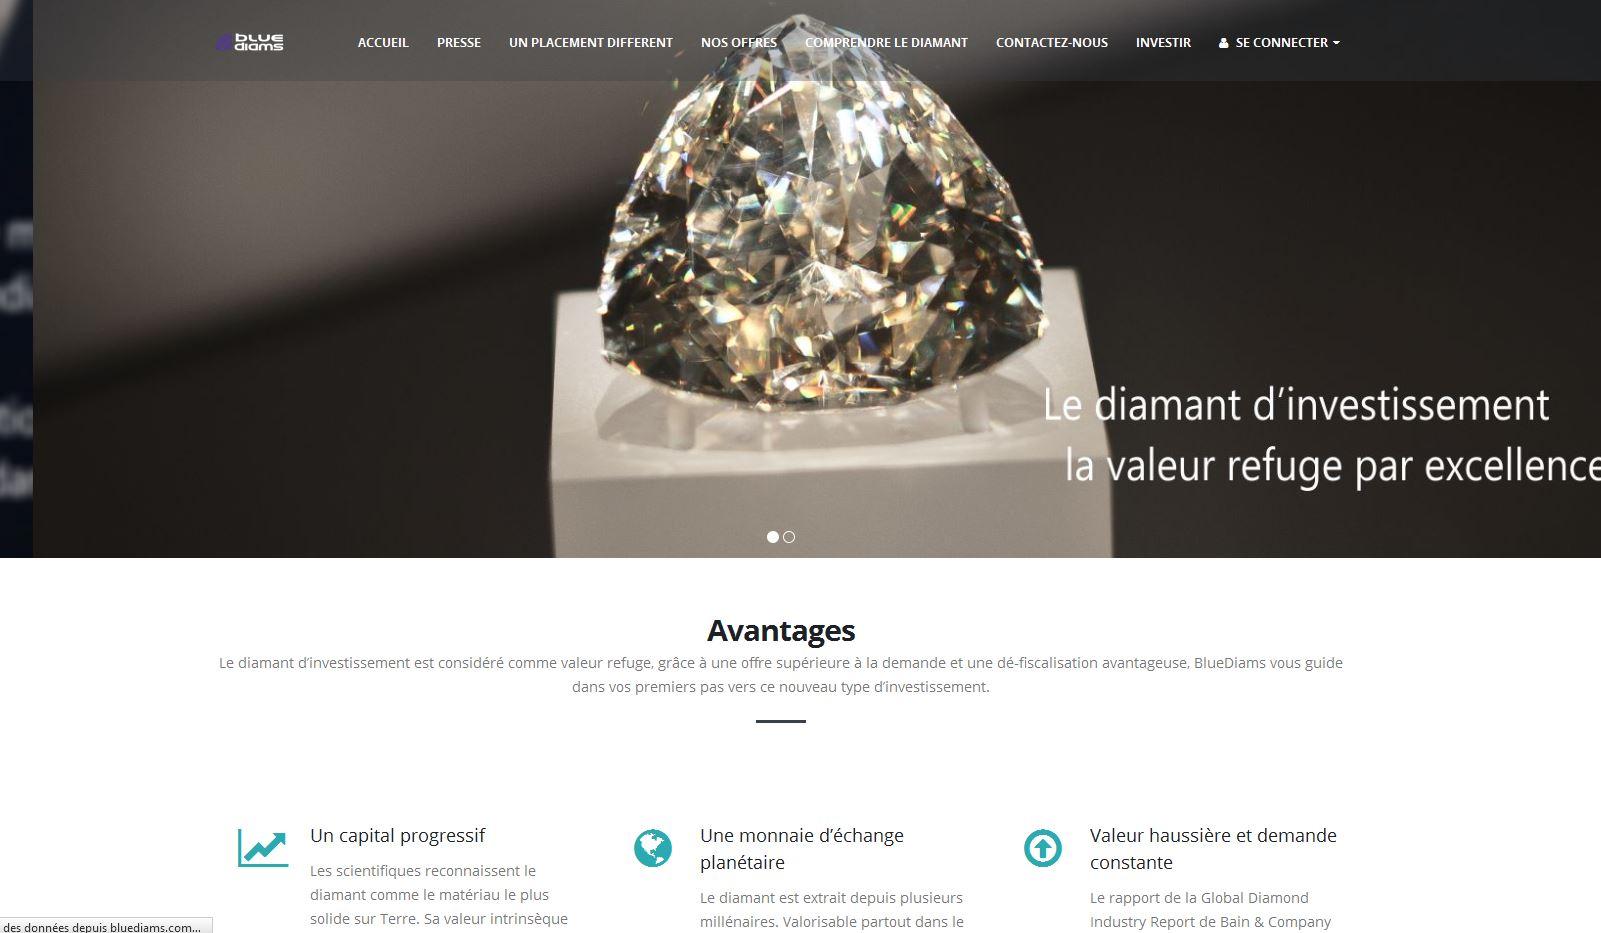 Bluediams - Diamant d'investissement